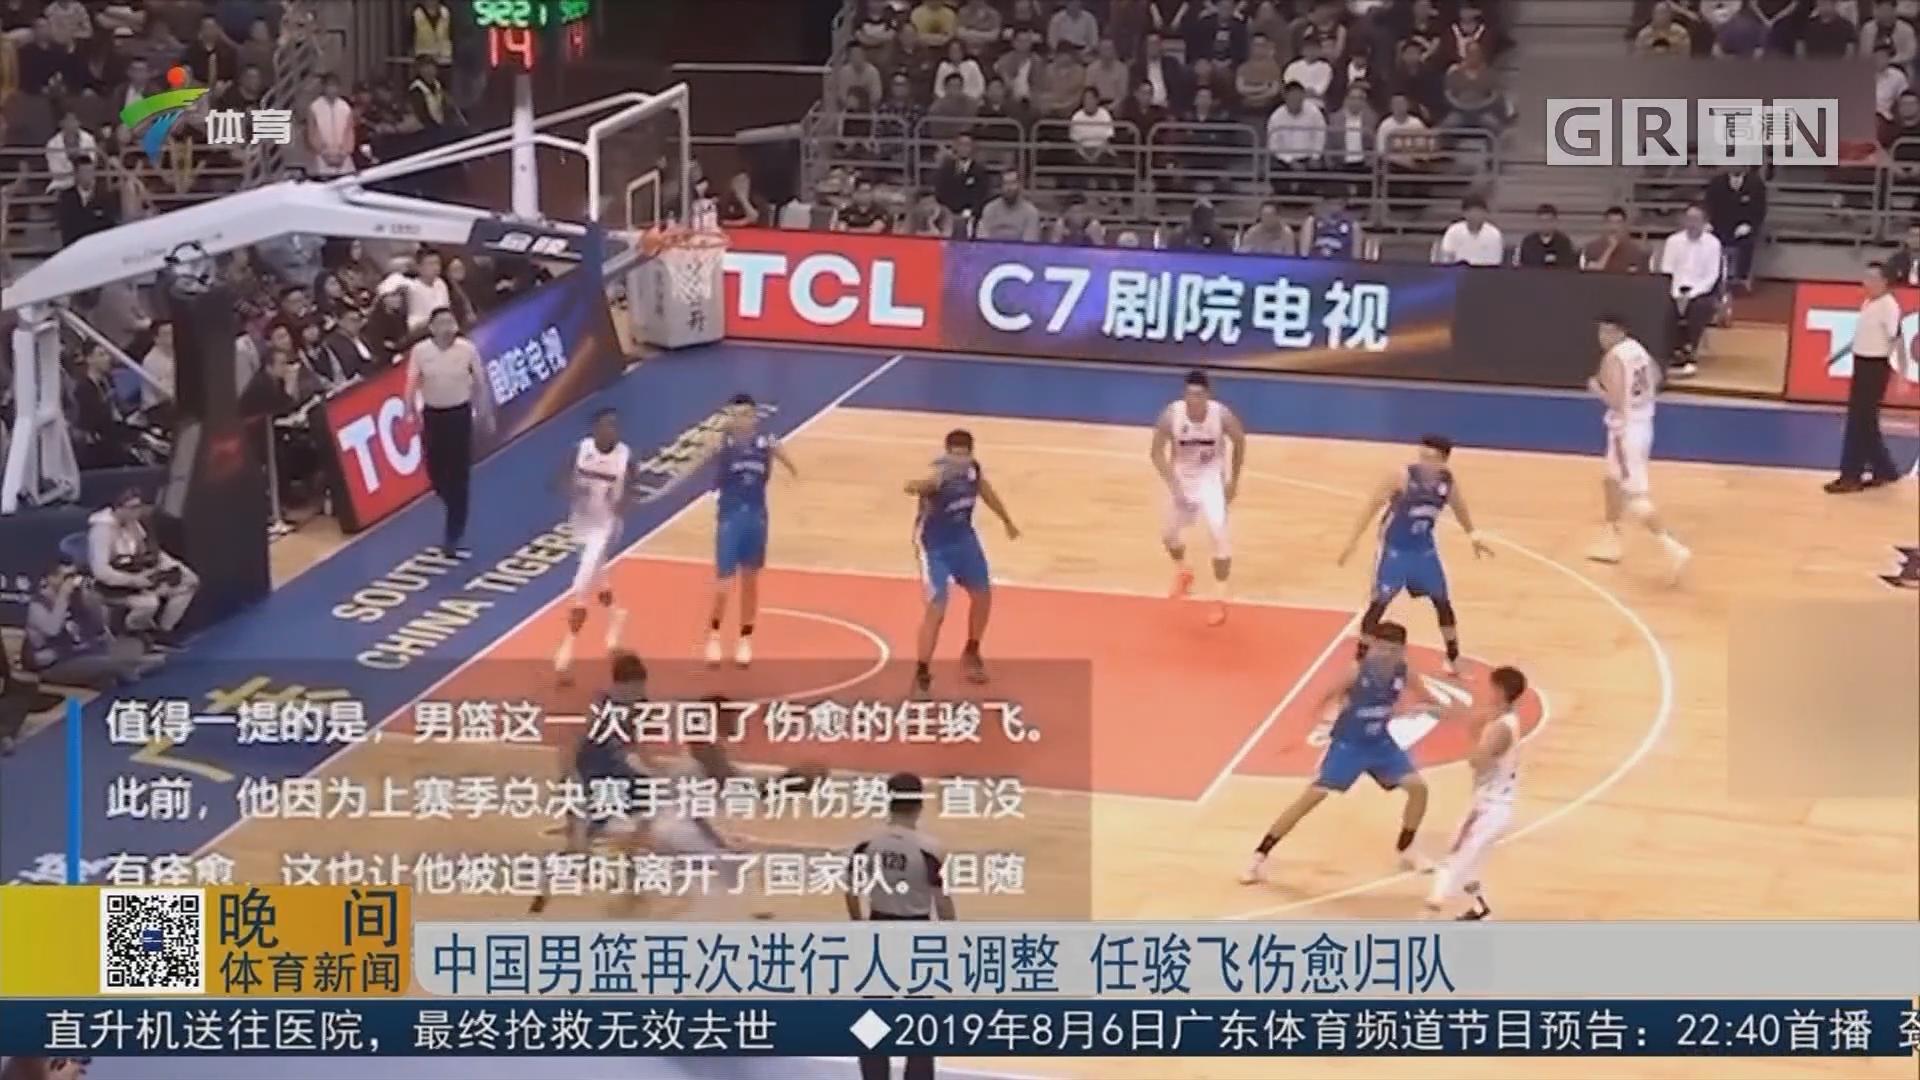 中国男篮再次进行人员调整 任骏飞伤愈归队